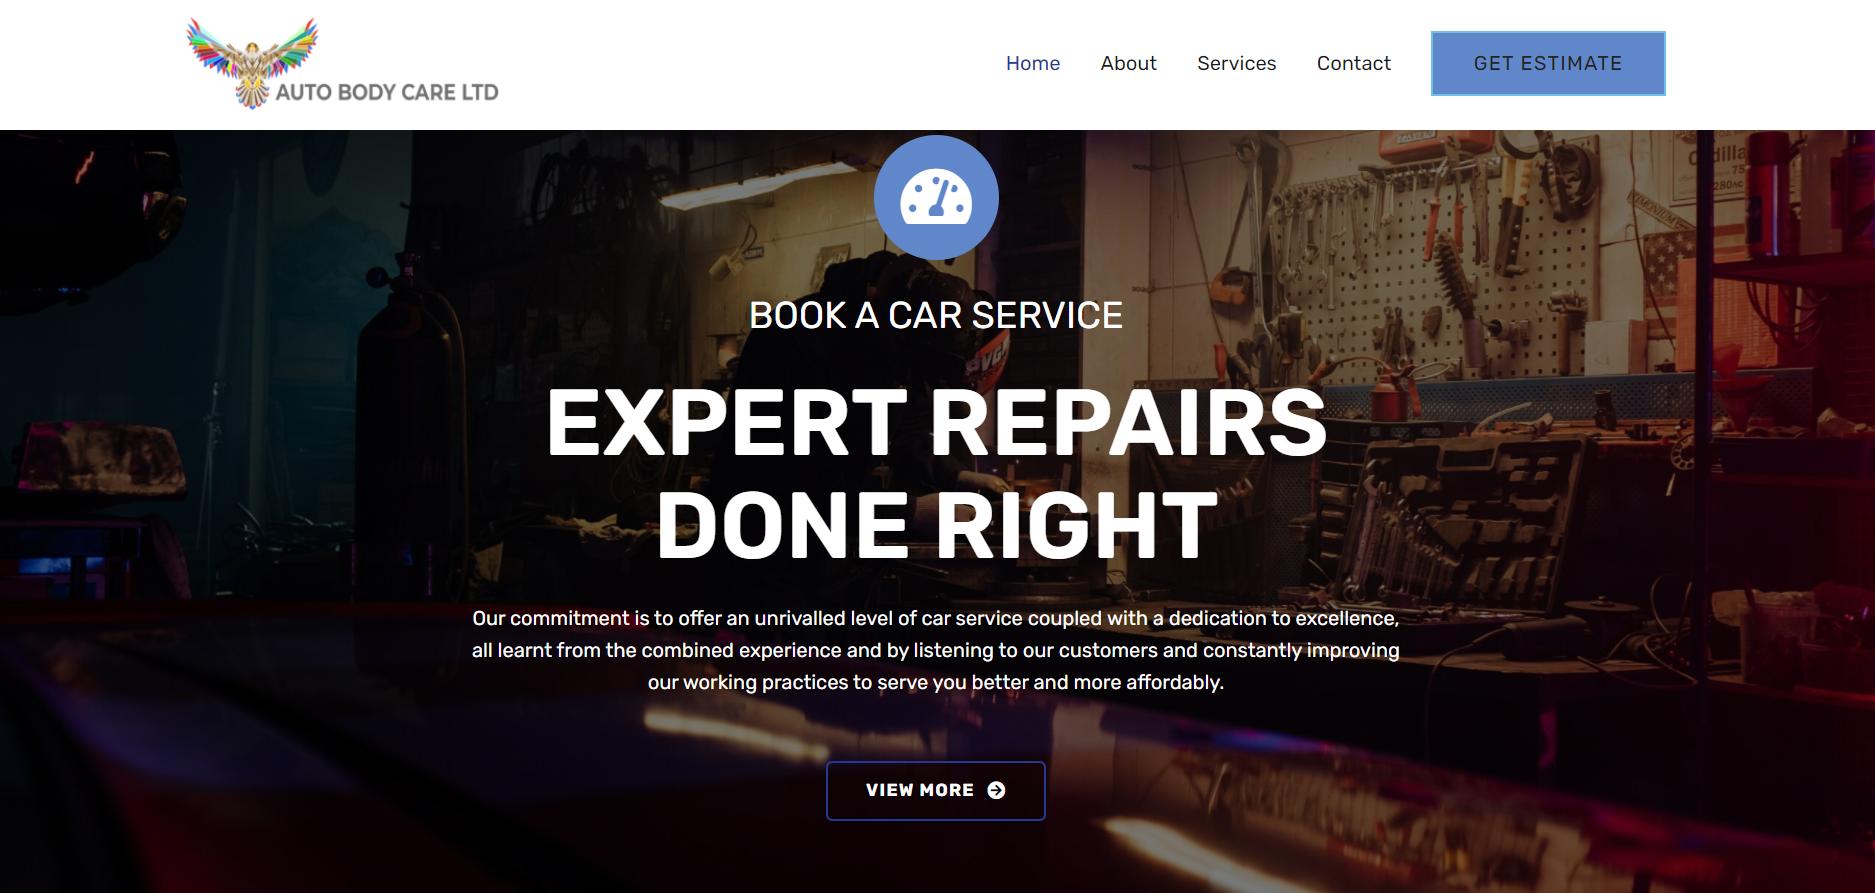 Auto Body Care